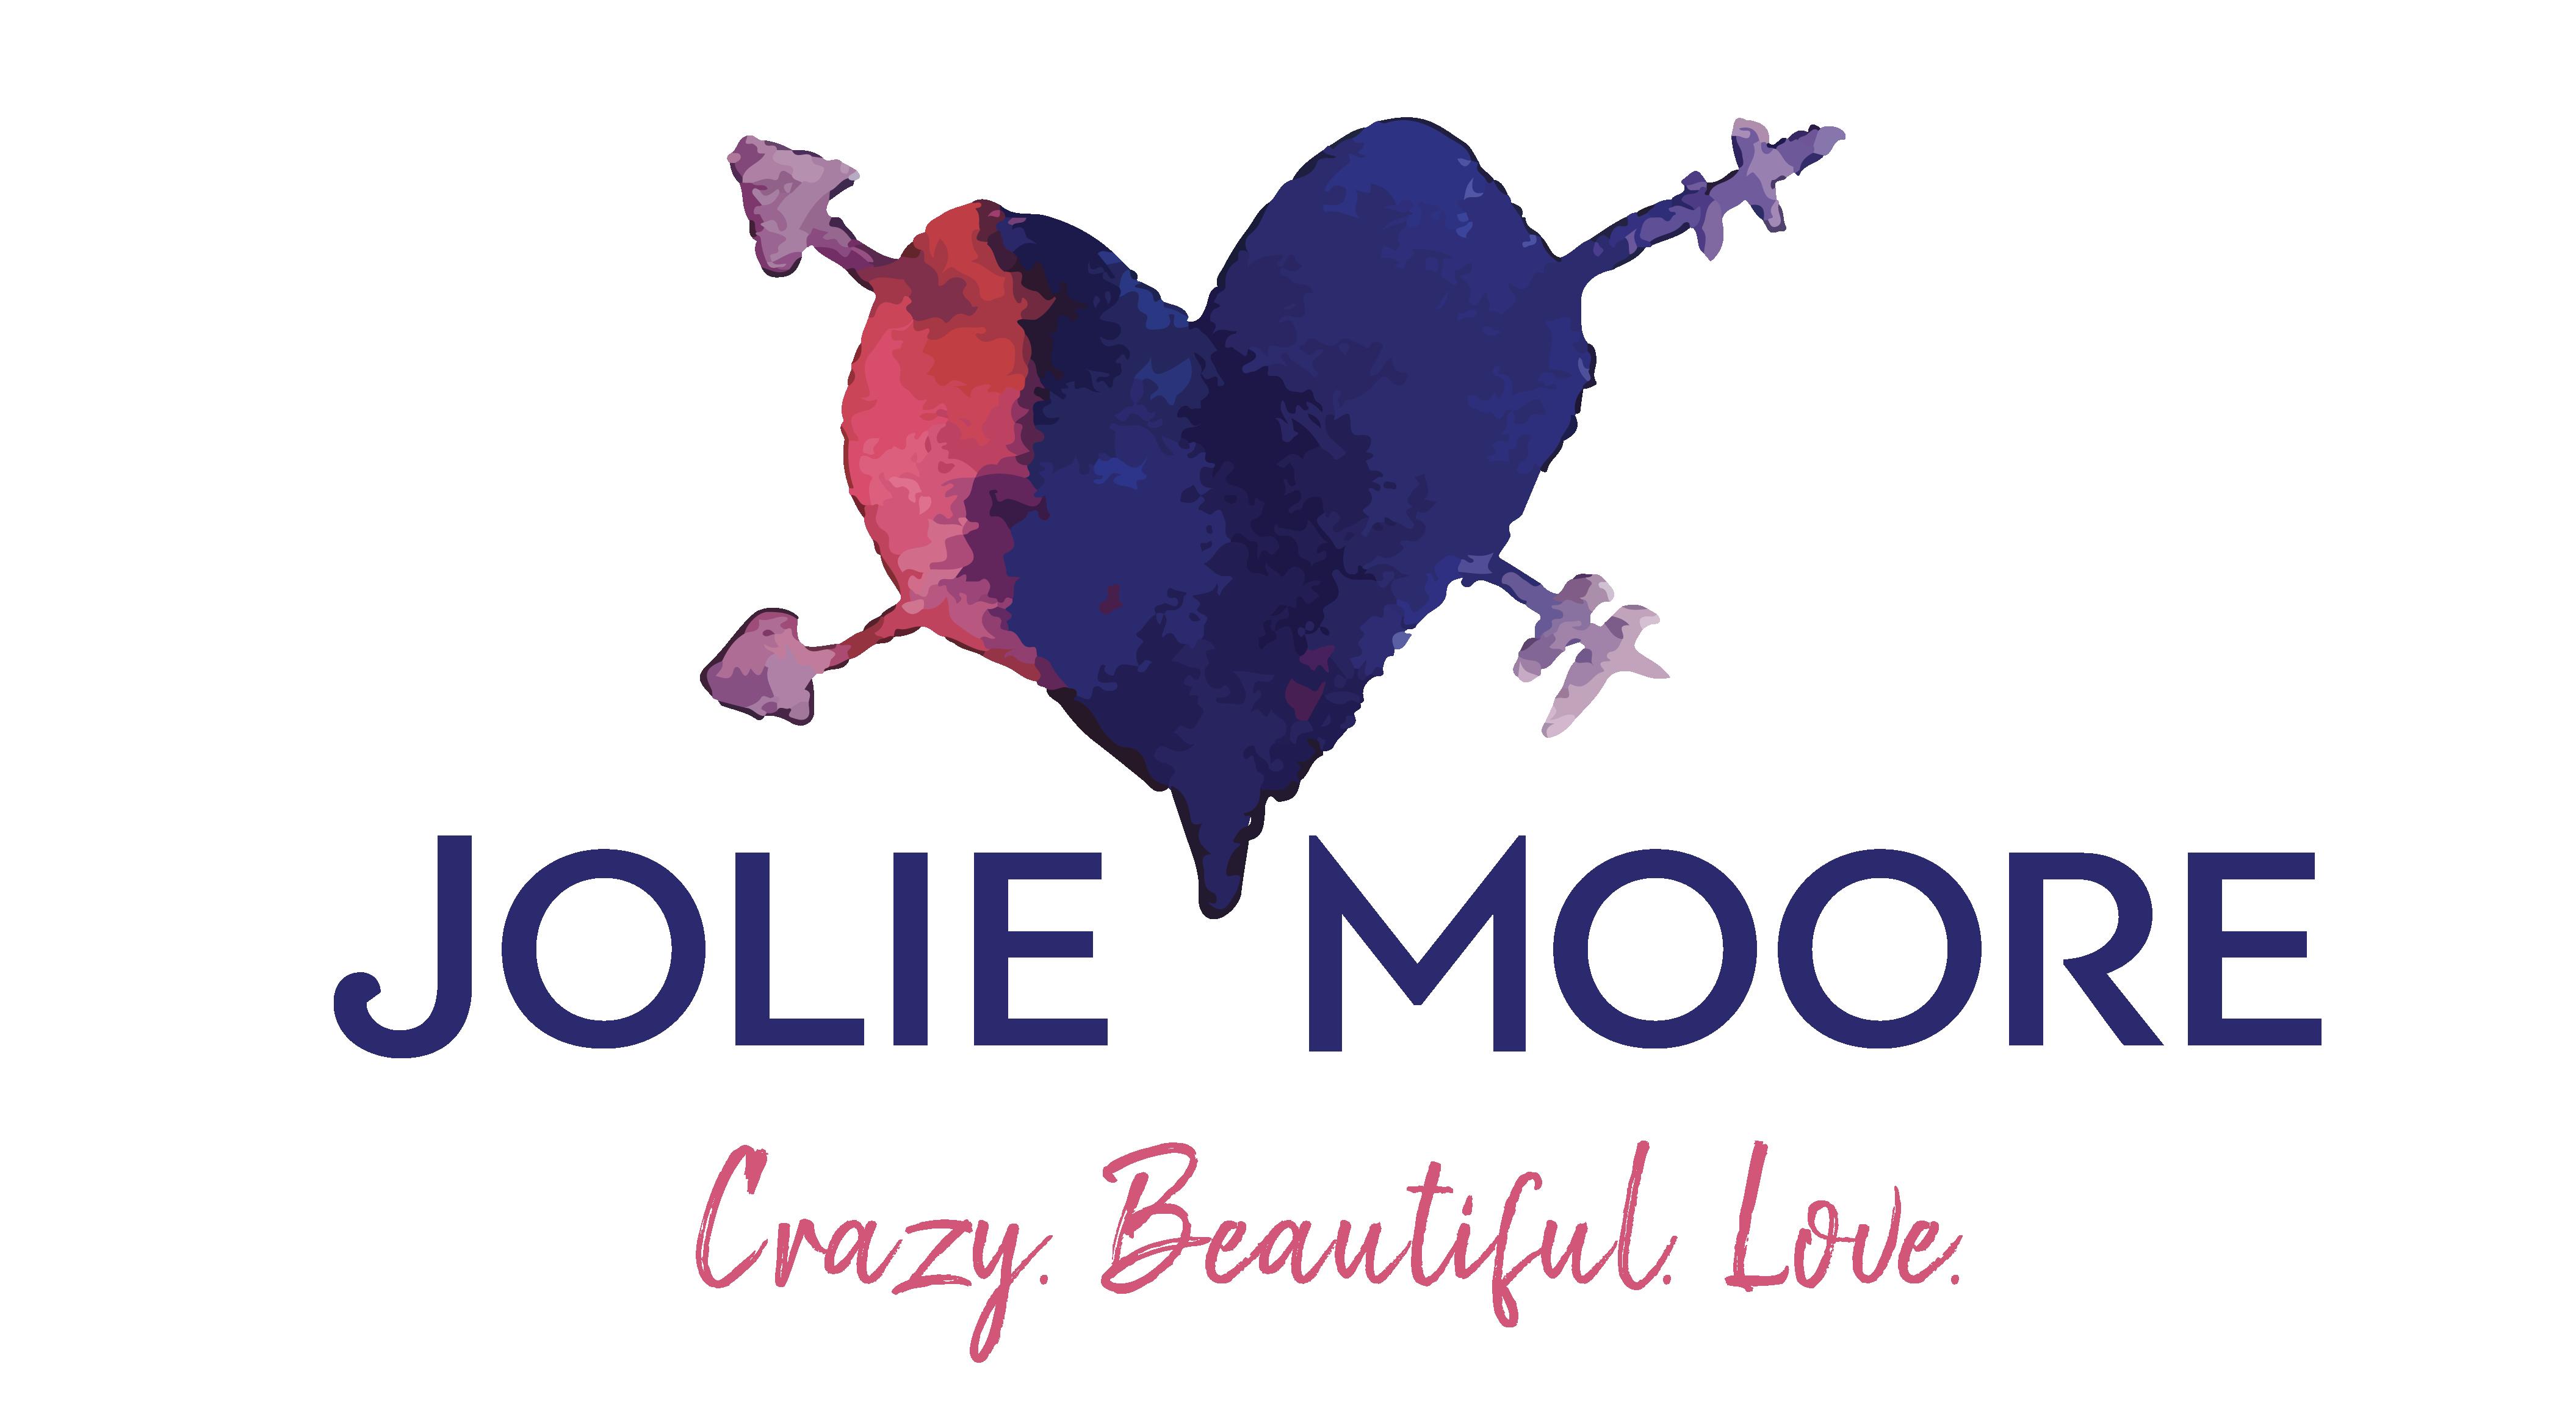 Jolie Moore